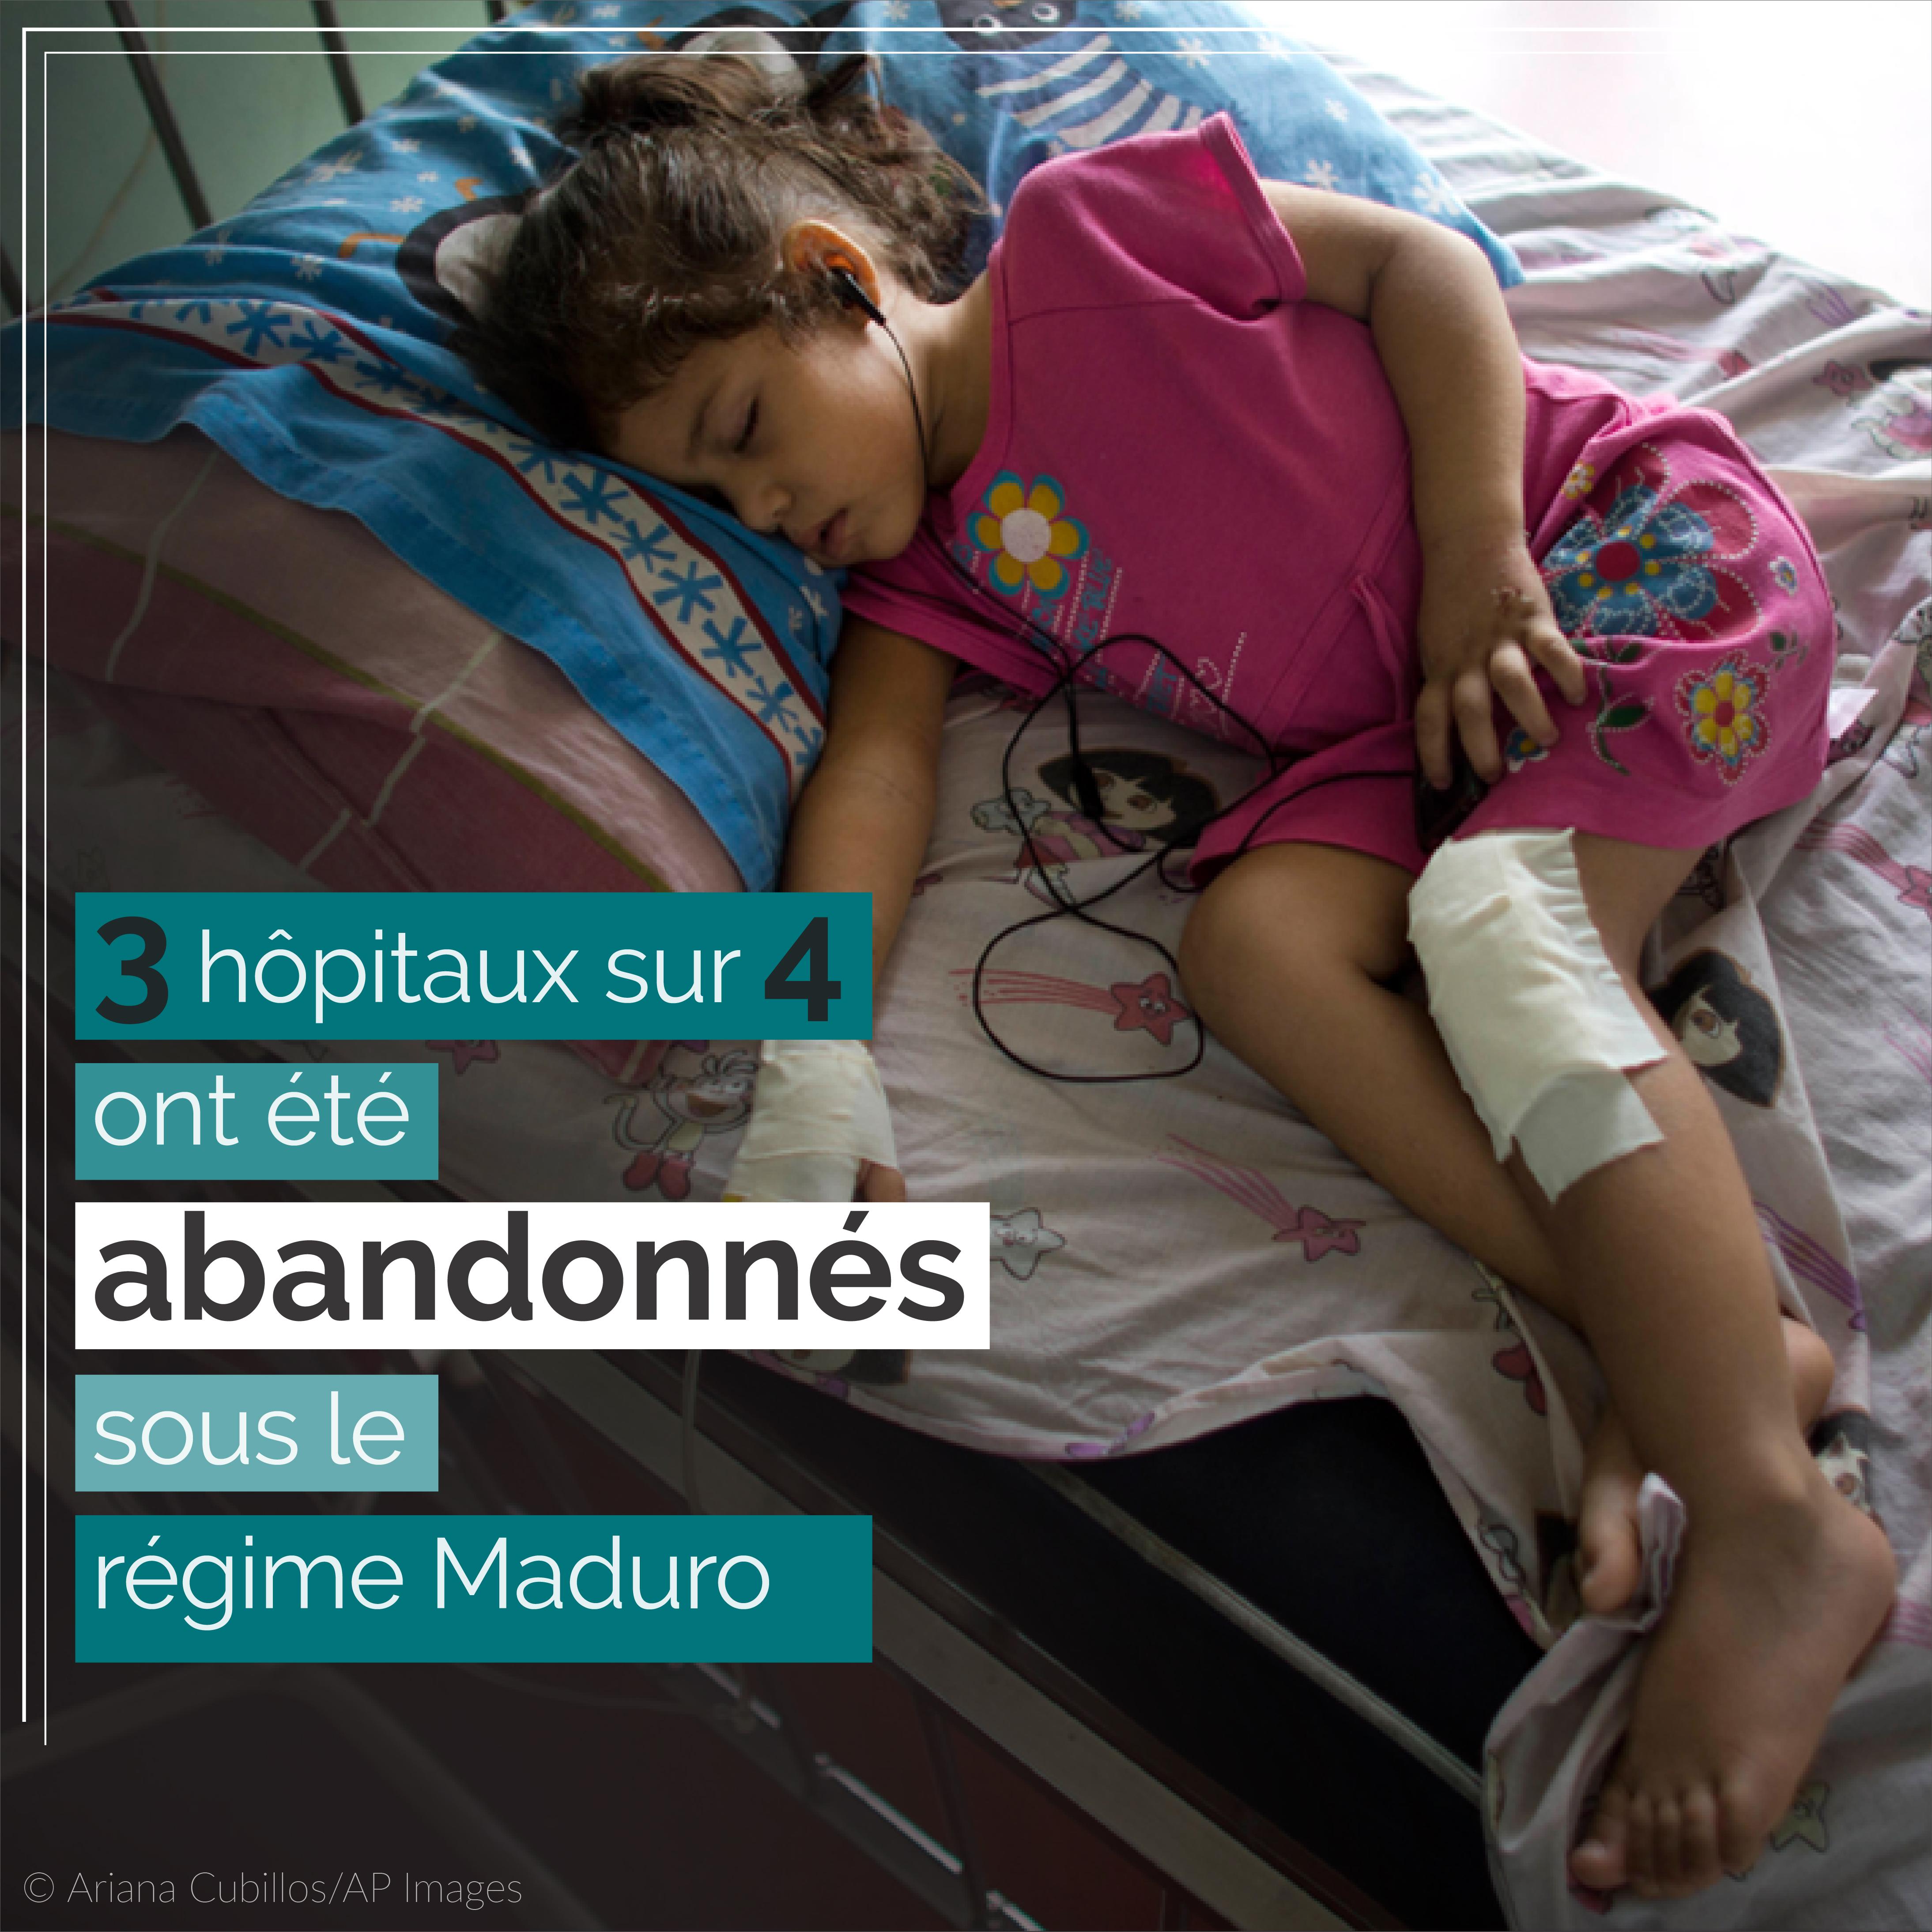 Fillette avec des pansements allongée sur un lit, avec des données à propos des hôpitaux abandonnés sur l'image (© Ariana Cubillos/AP Images)